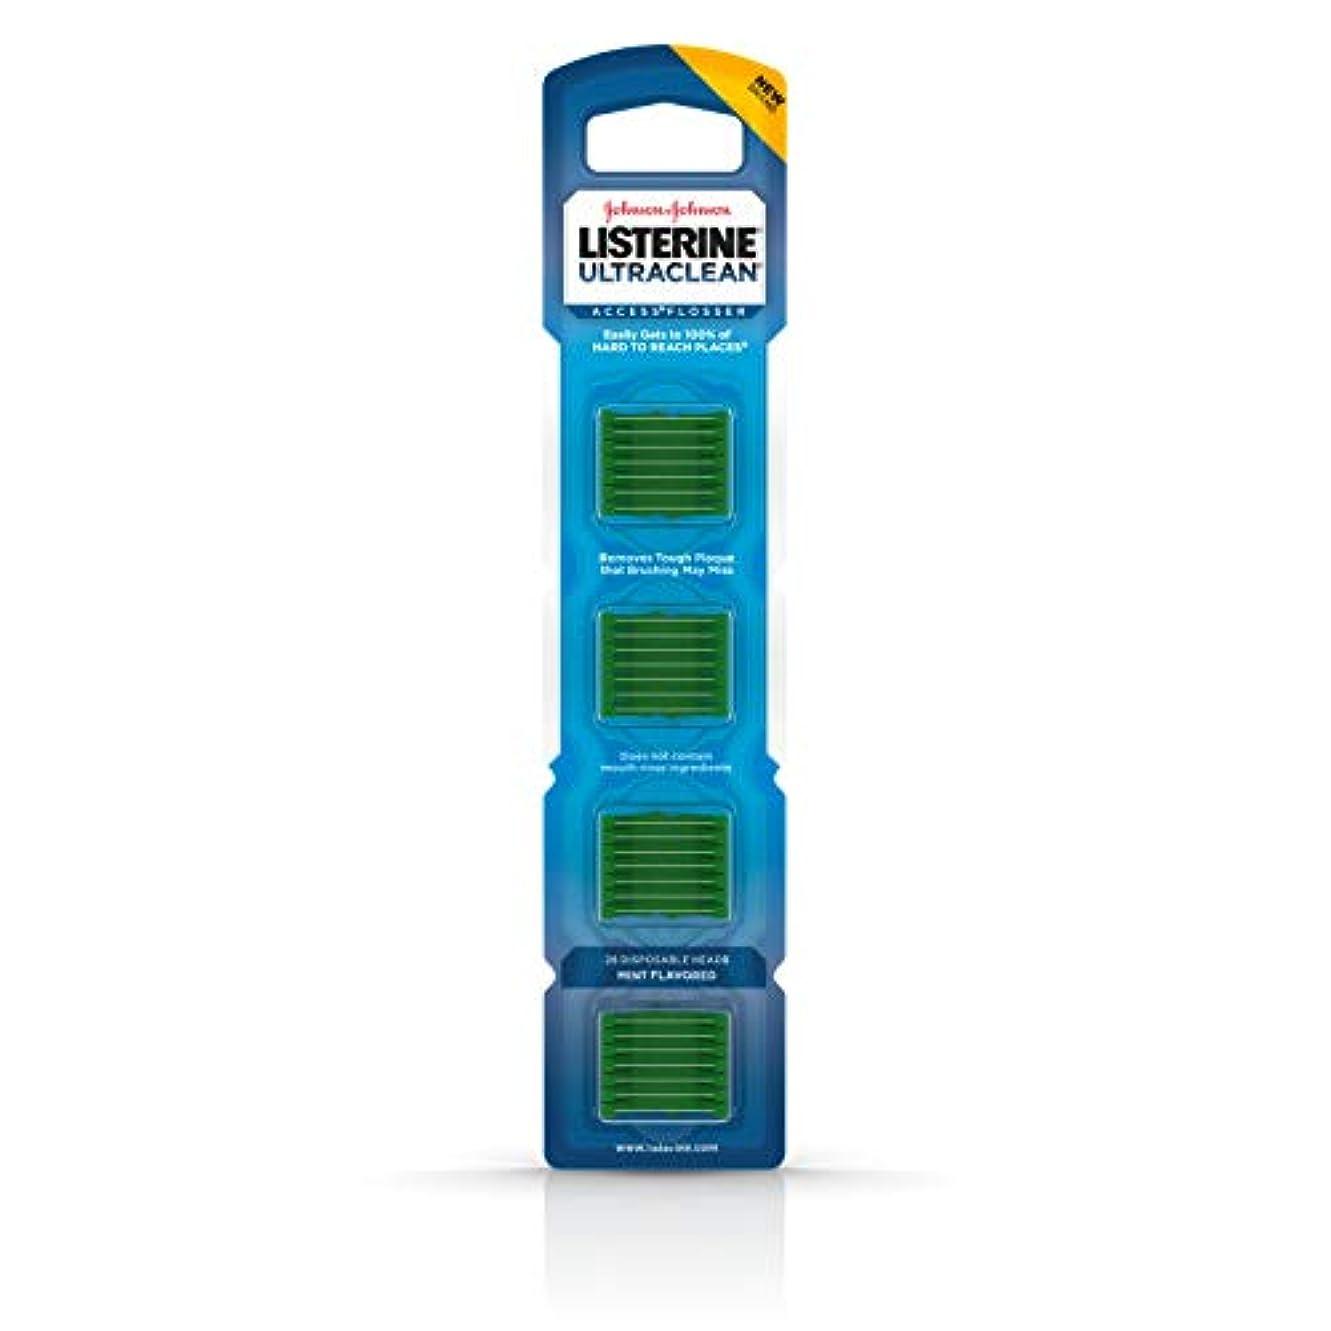 アクセスプレート旅行代理店Listerine Ultraclean Access Flosser Refill Heads, Mint, 28 Count [並行輸入品]